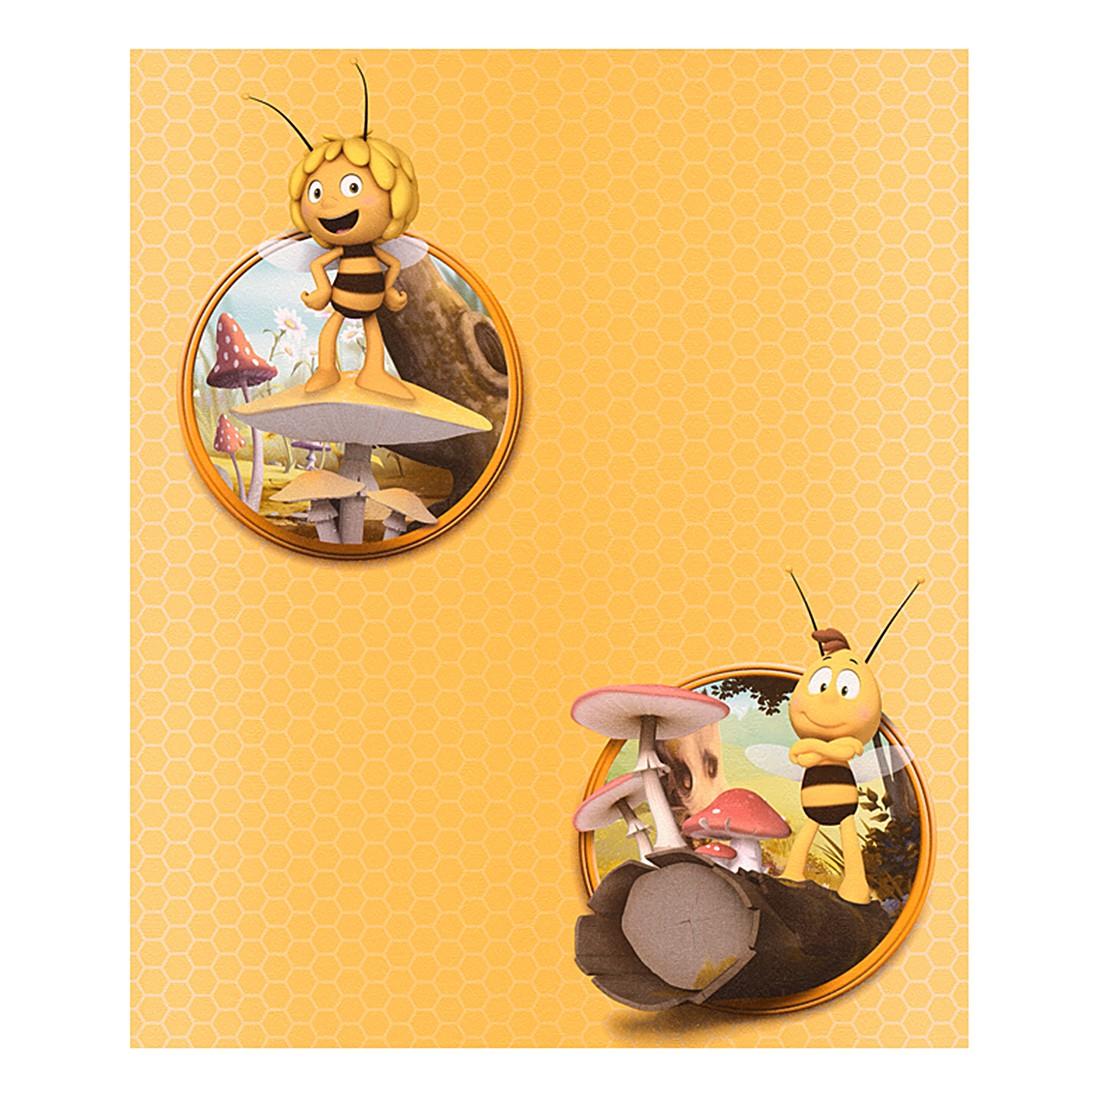 Papiertapete Biene Maya – gelb – orange – bunt – fein strukturiert, Home24Deko jetzt kaufen